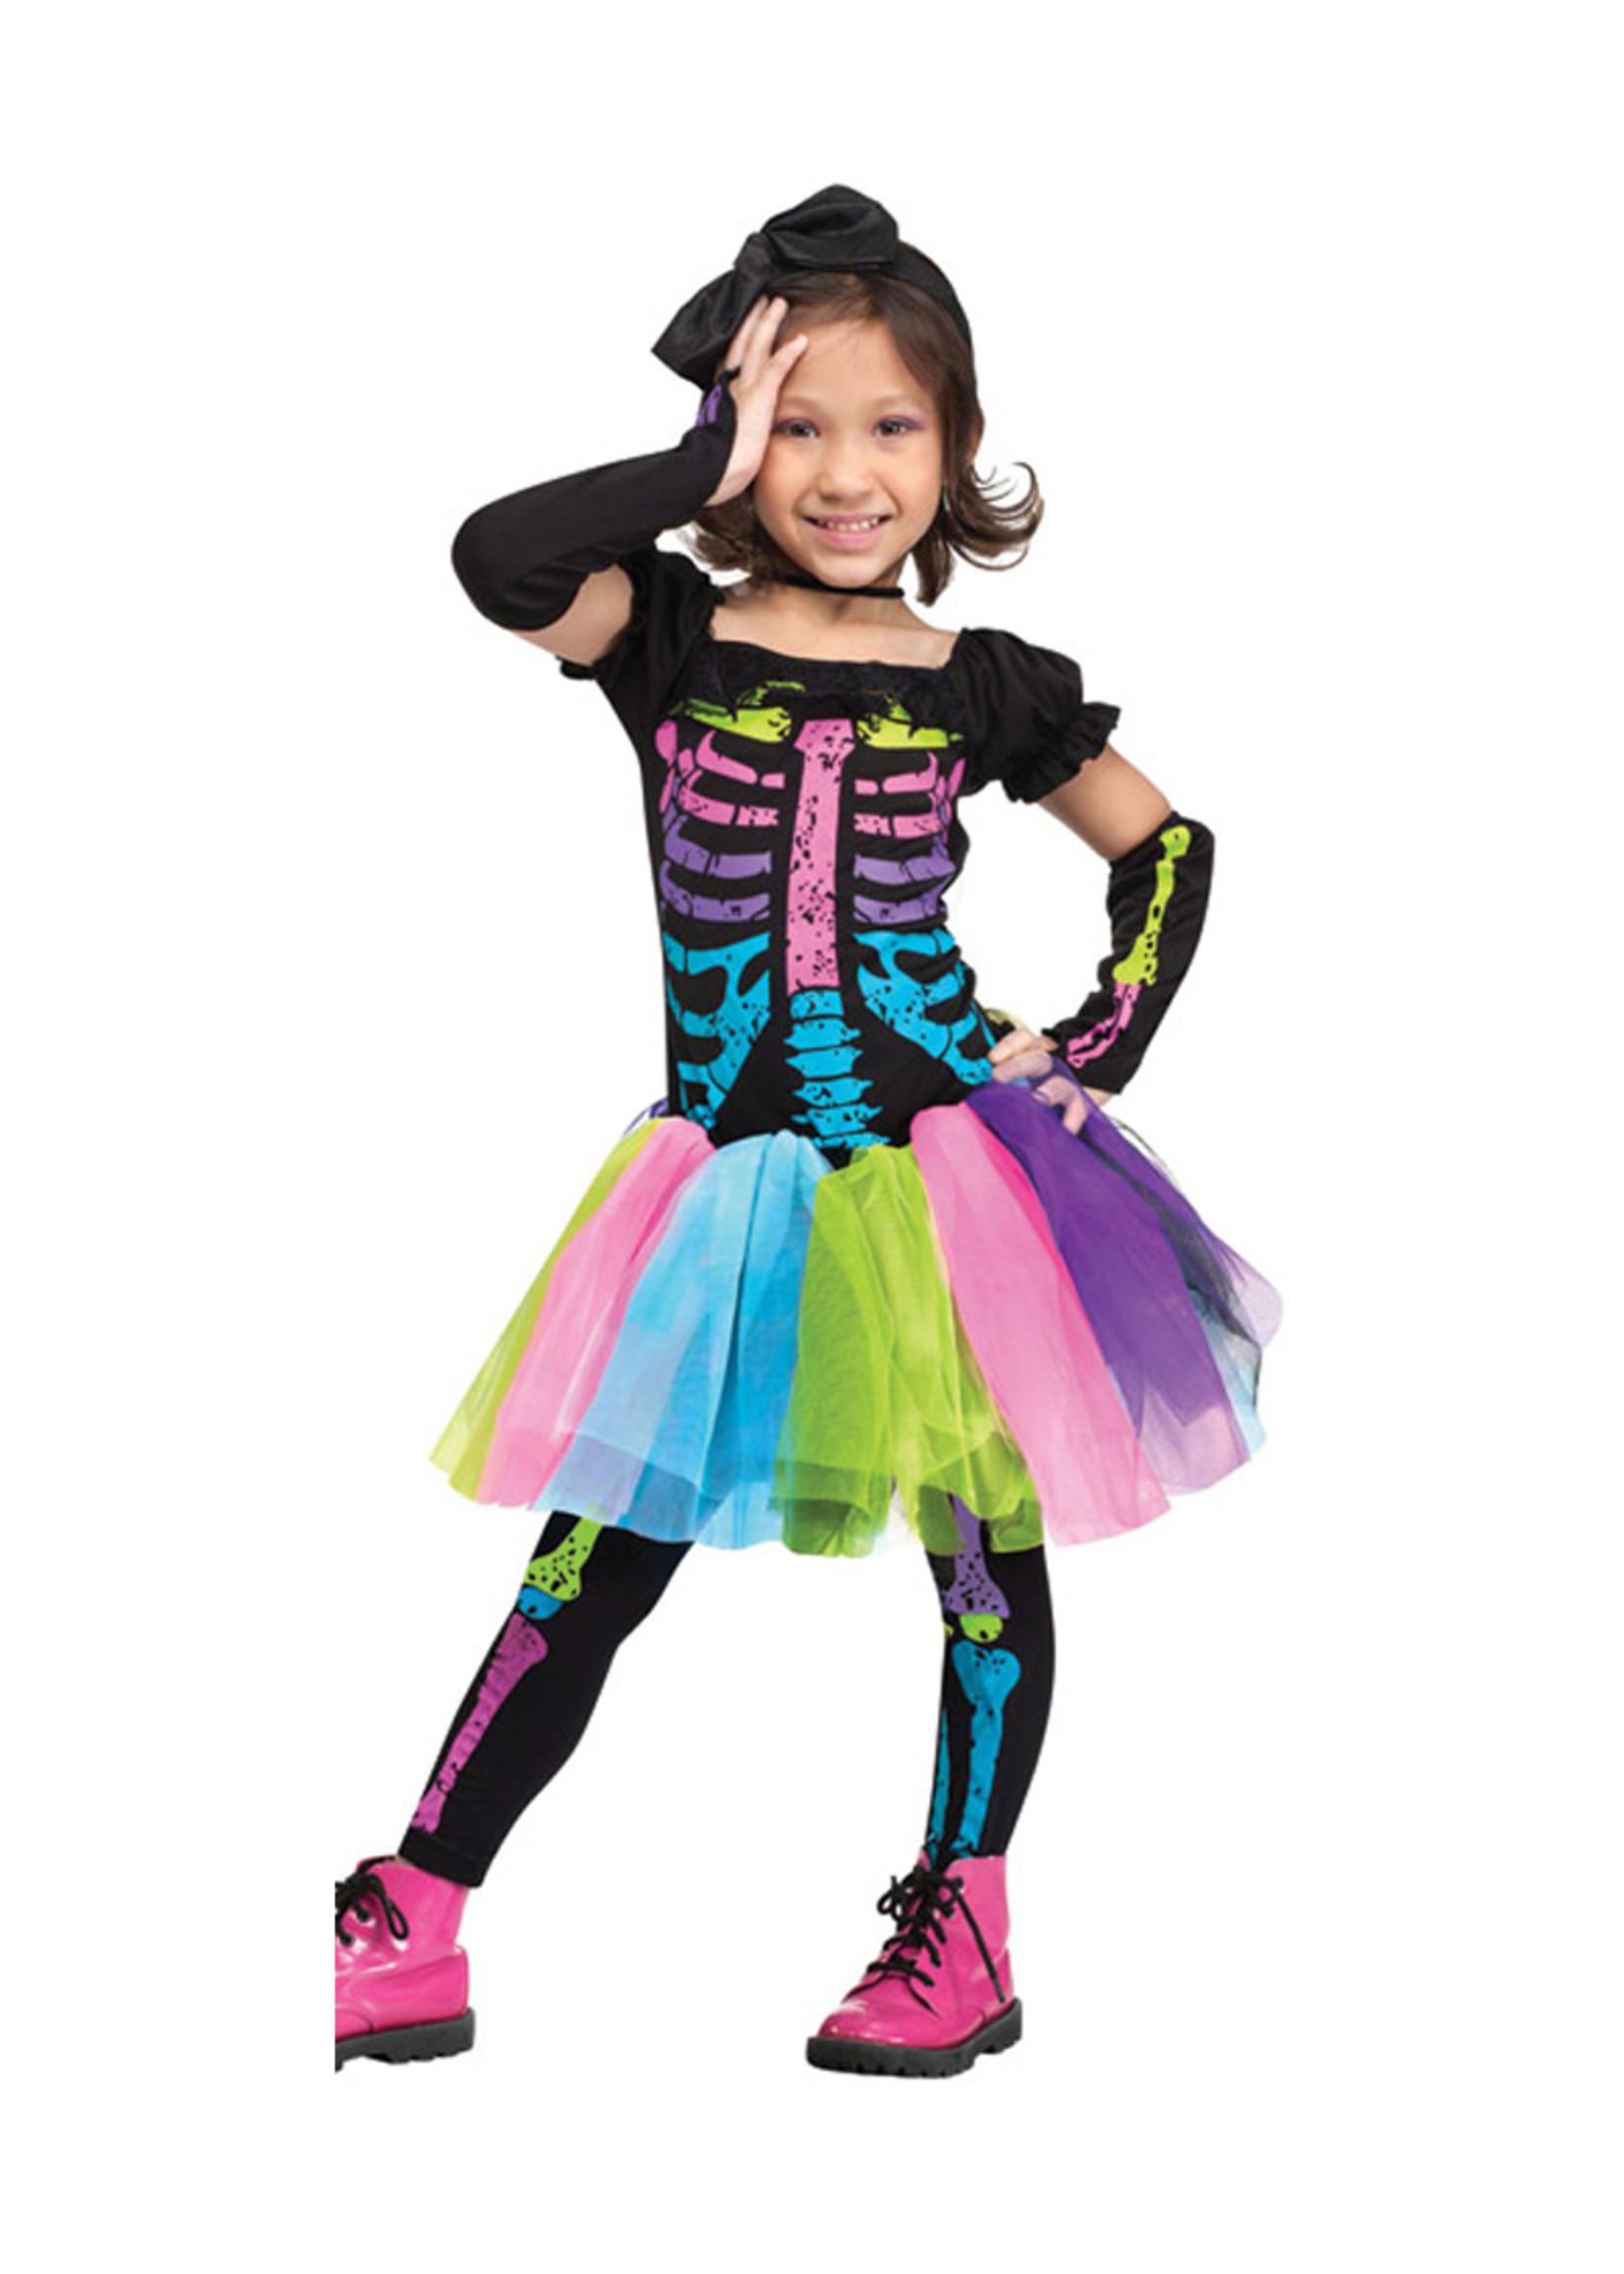 FUN WORLD Funky Punk Skeleton Costume - Toddler